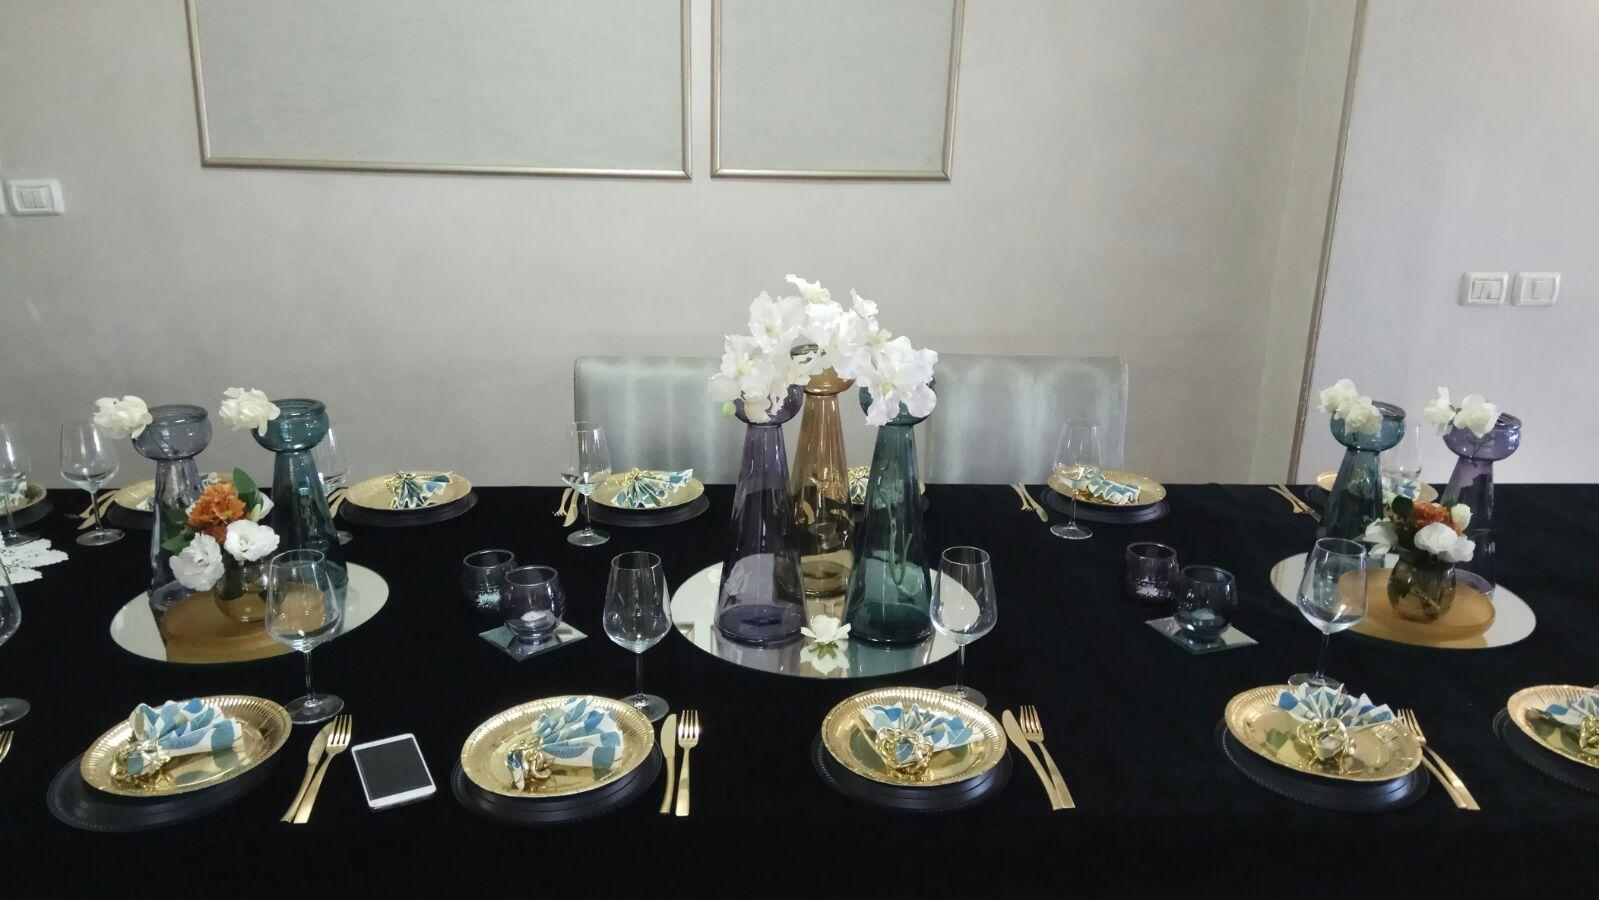 צפו: שחור בשולחן שבת - כן או לא